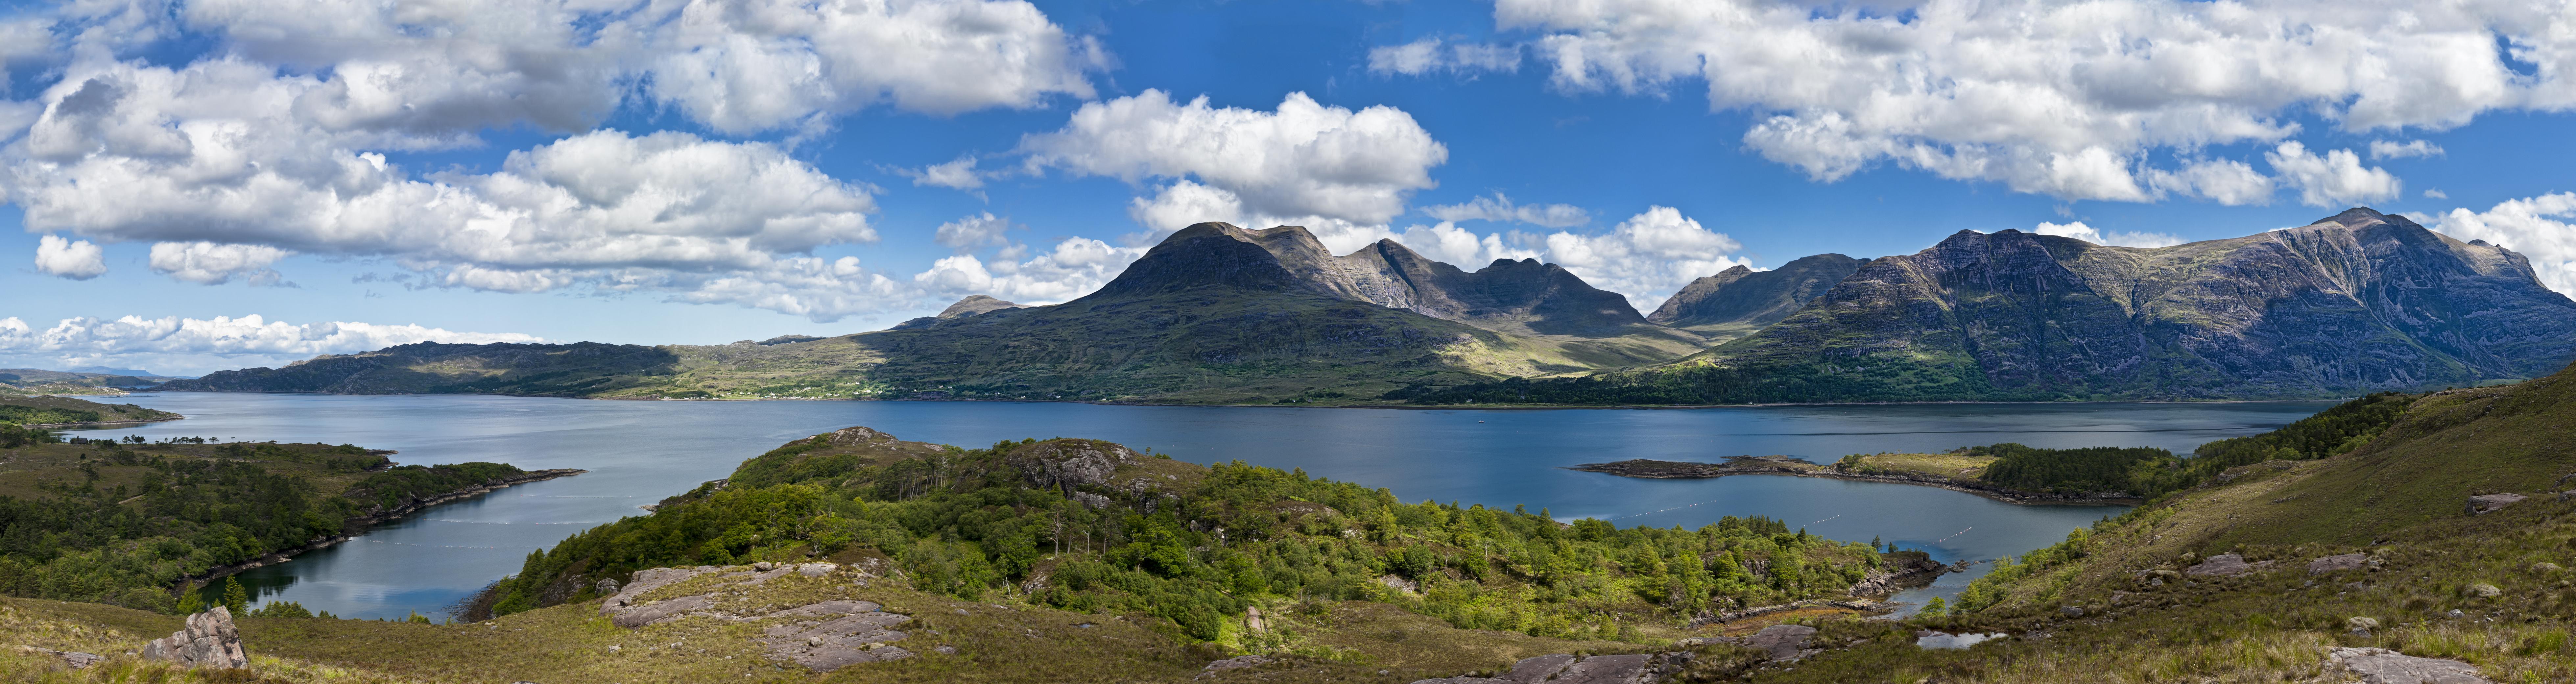 File:Loch Torridon, Sc...